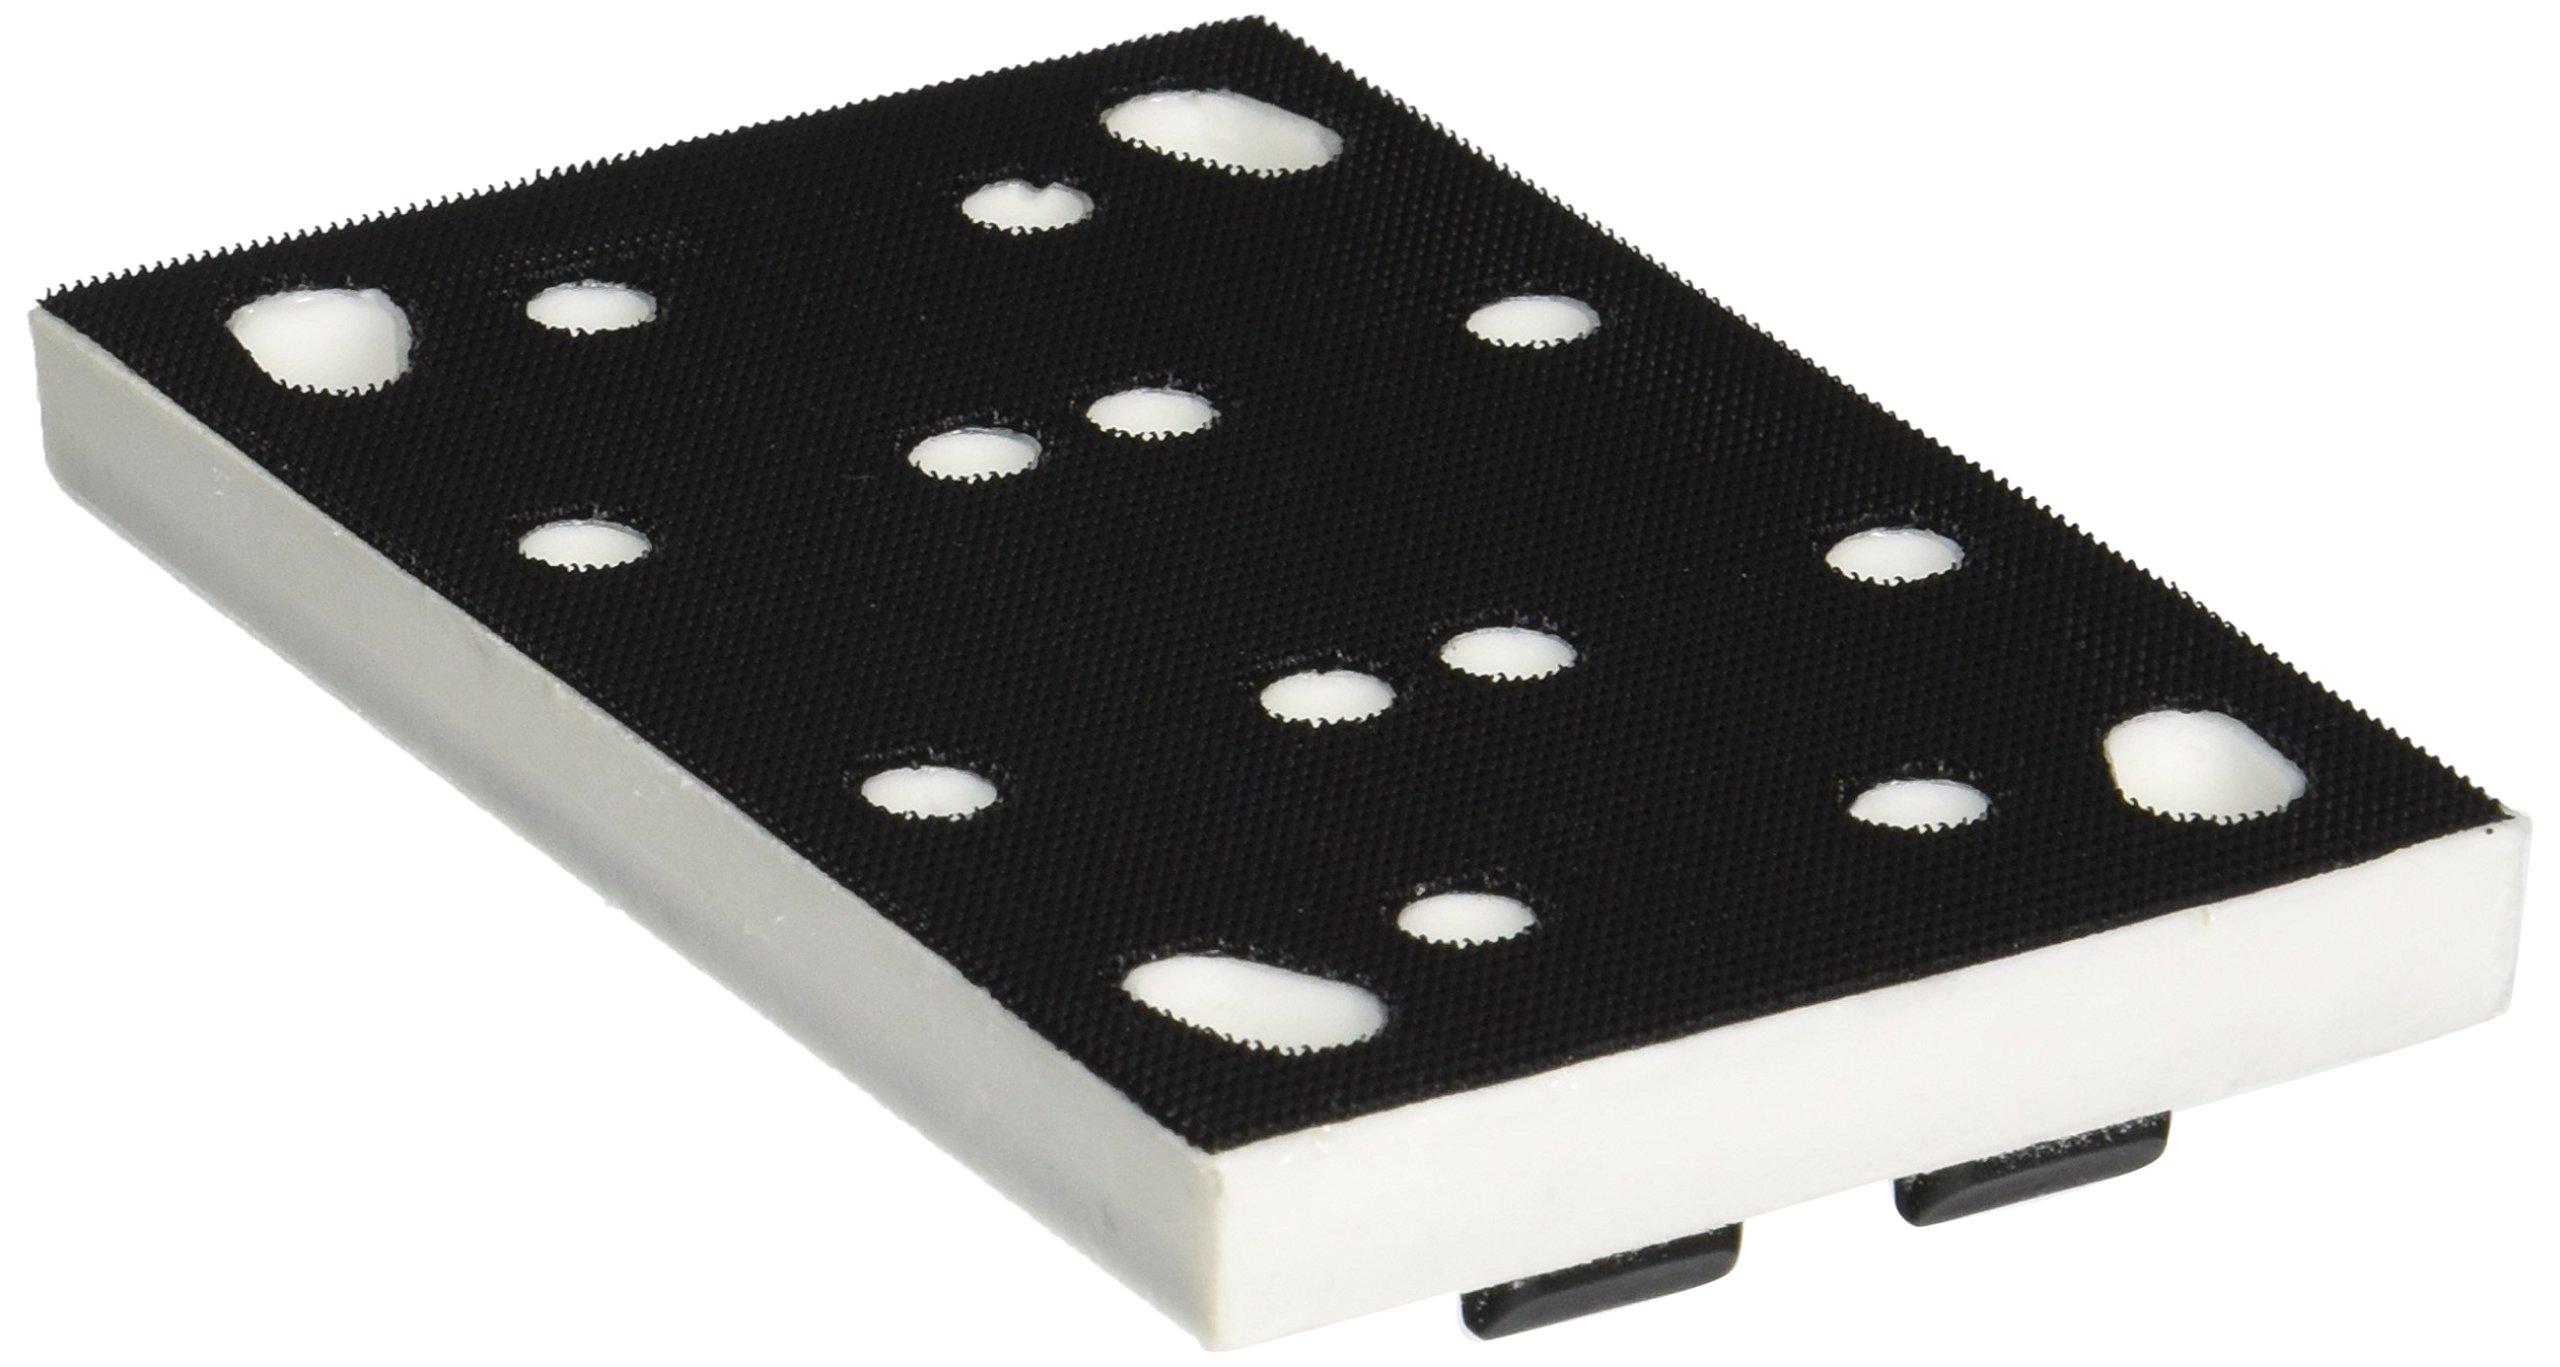 Festool 490161 Flat Sanding Pad